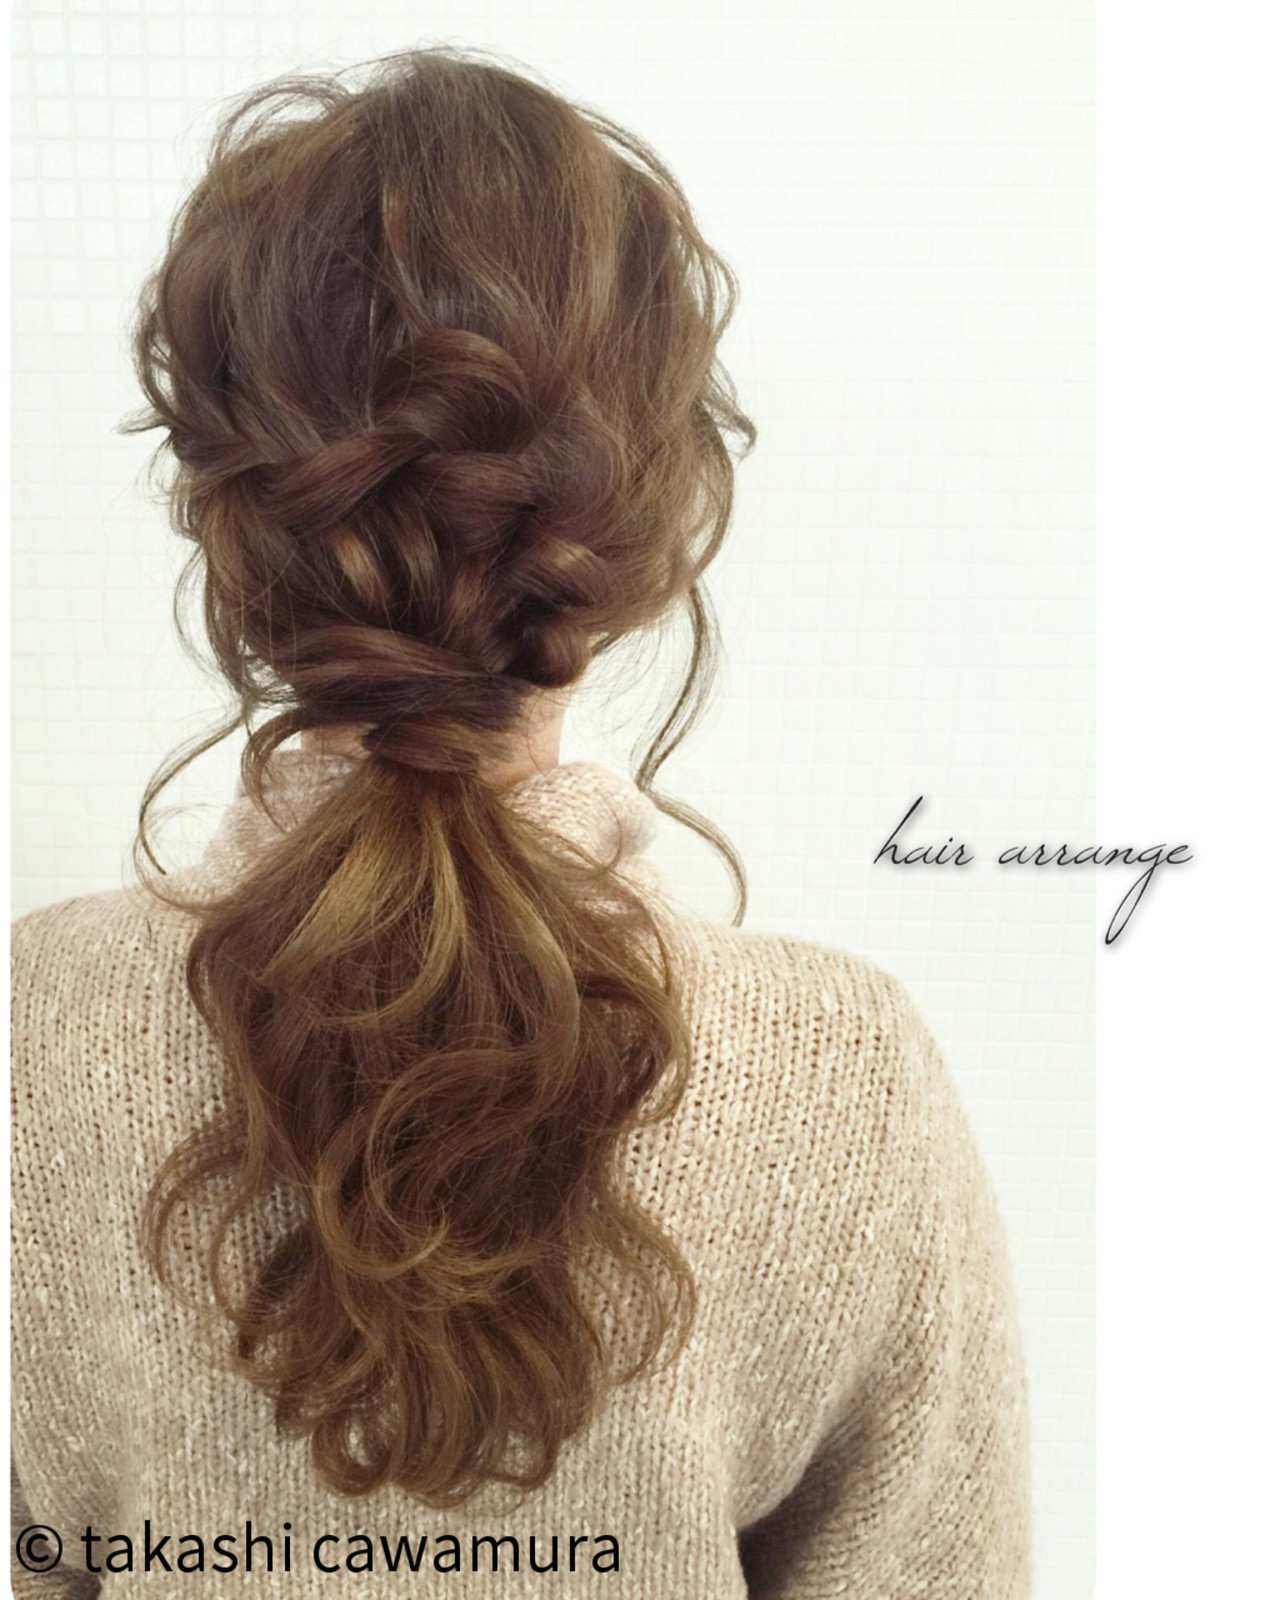 ヘアアレンジ ロング 大人女子 ウォーターフォール ヘアスタイルや髪型の写真・画像